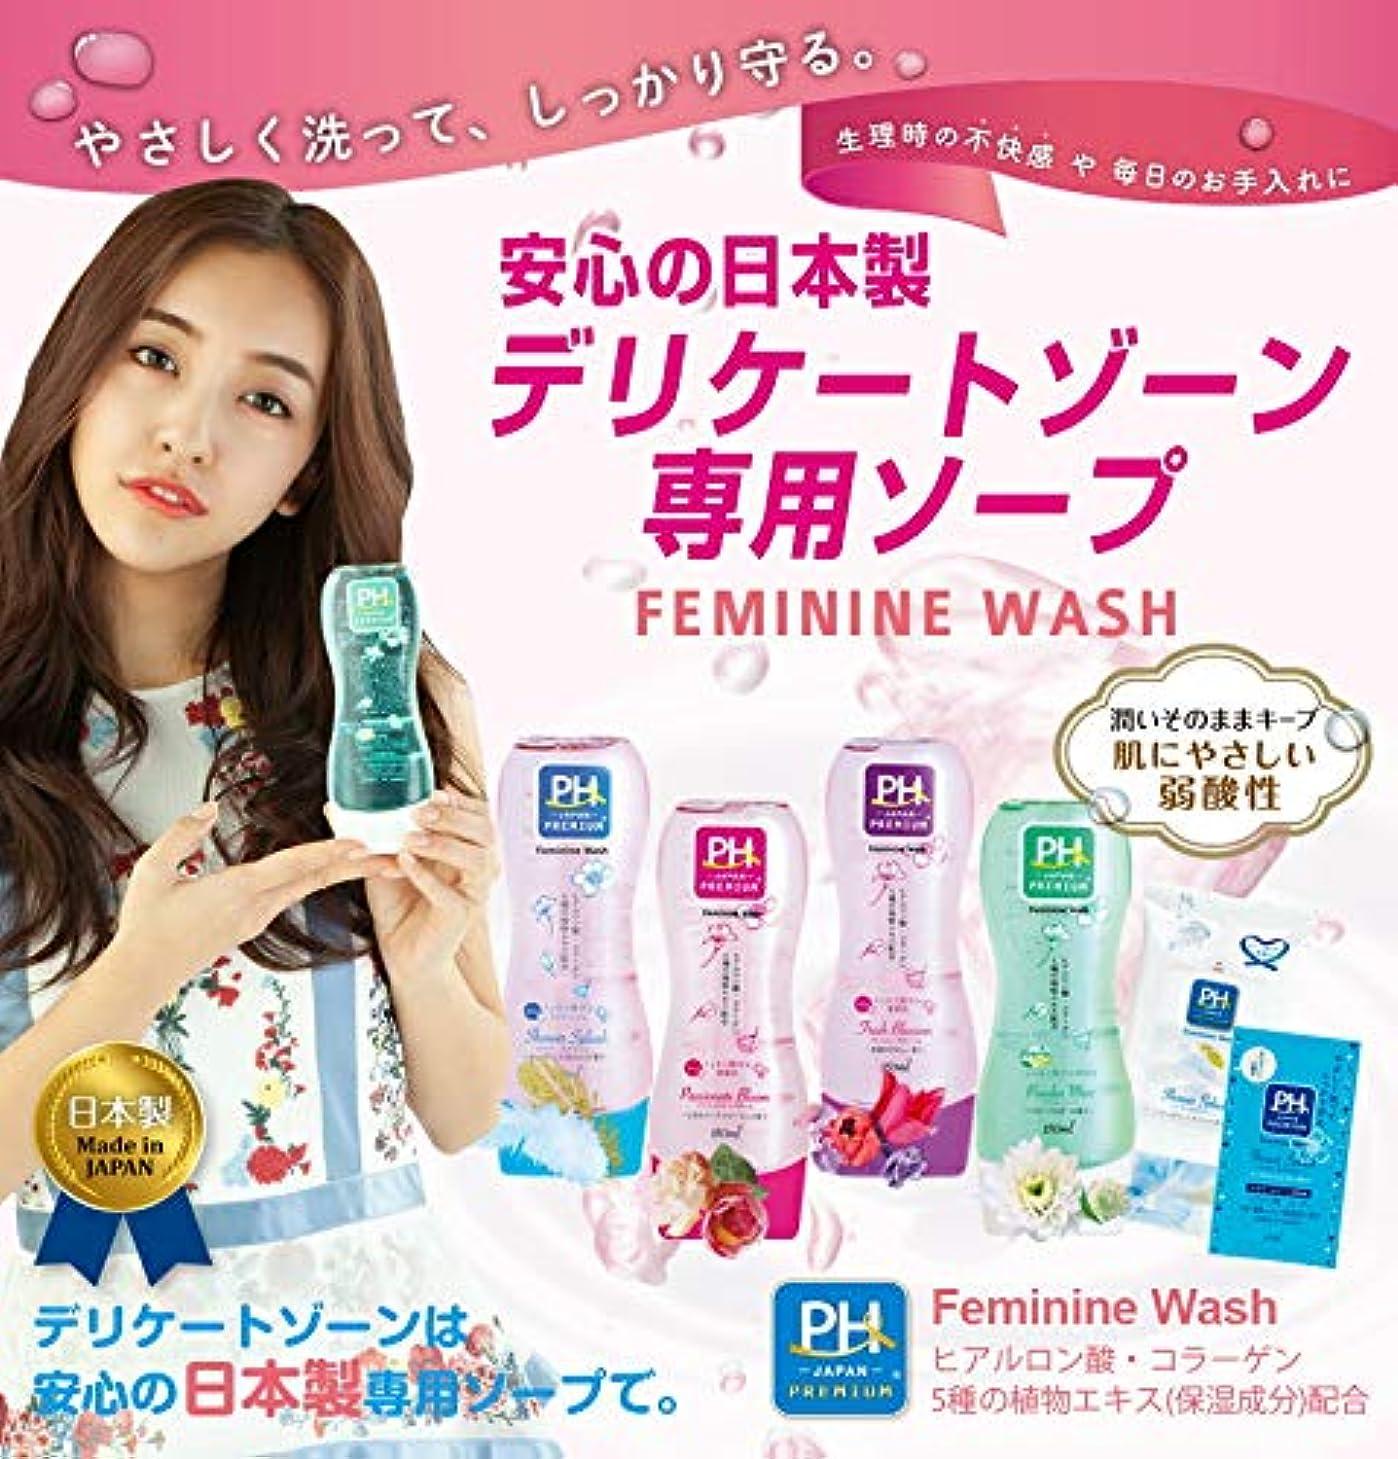 マインドフルロデオキャメルパウダーミント3本セット PH JAPAN フェミニンウォッシュ ベビーパウダーの香り